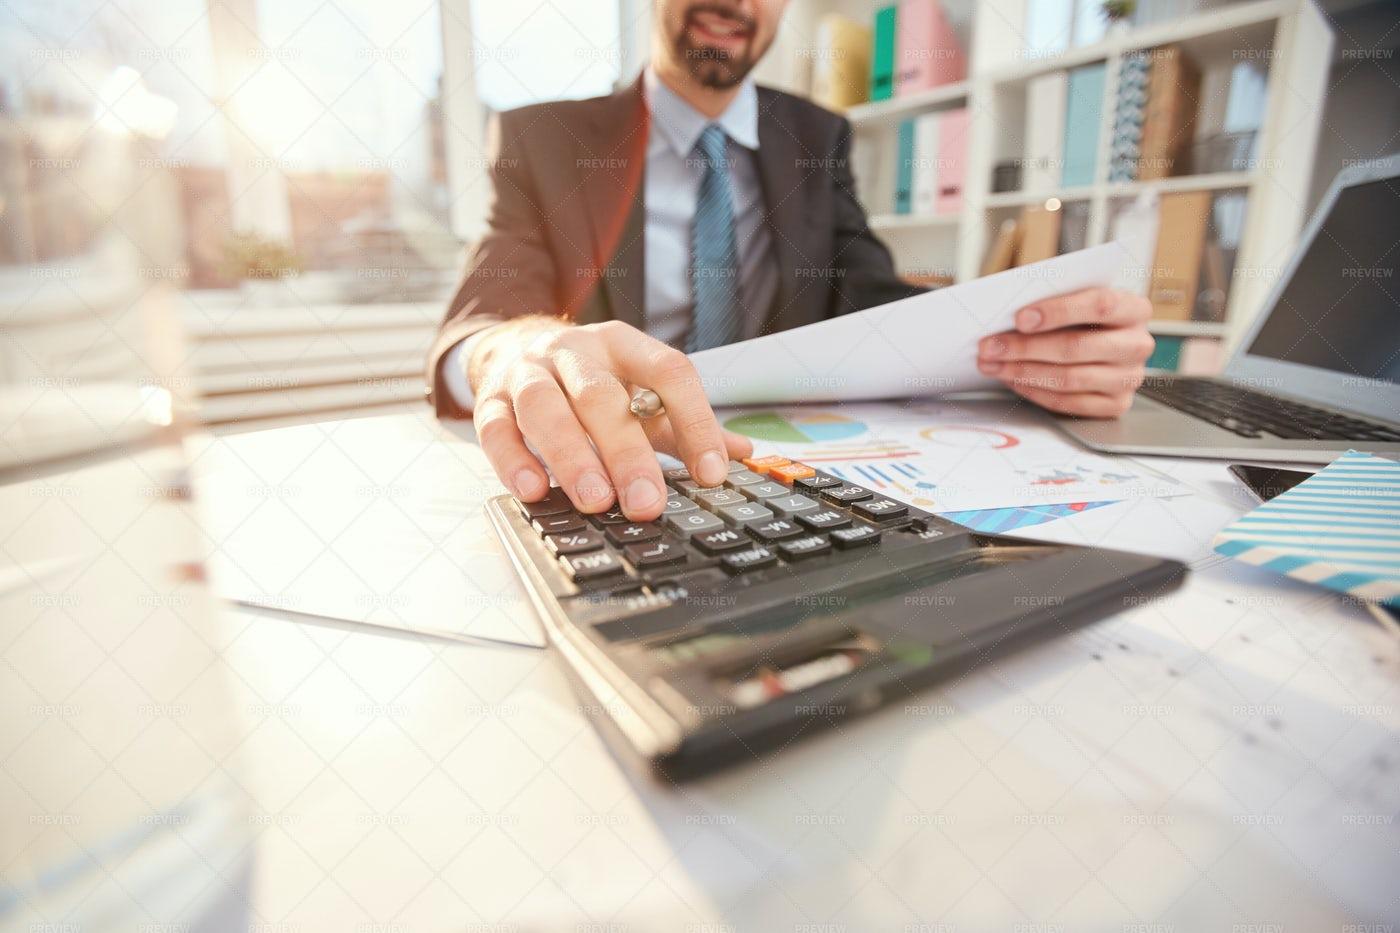 Smiling Businessman Calculating...: Stock Photos